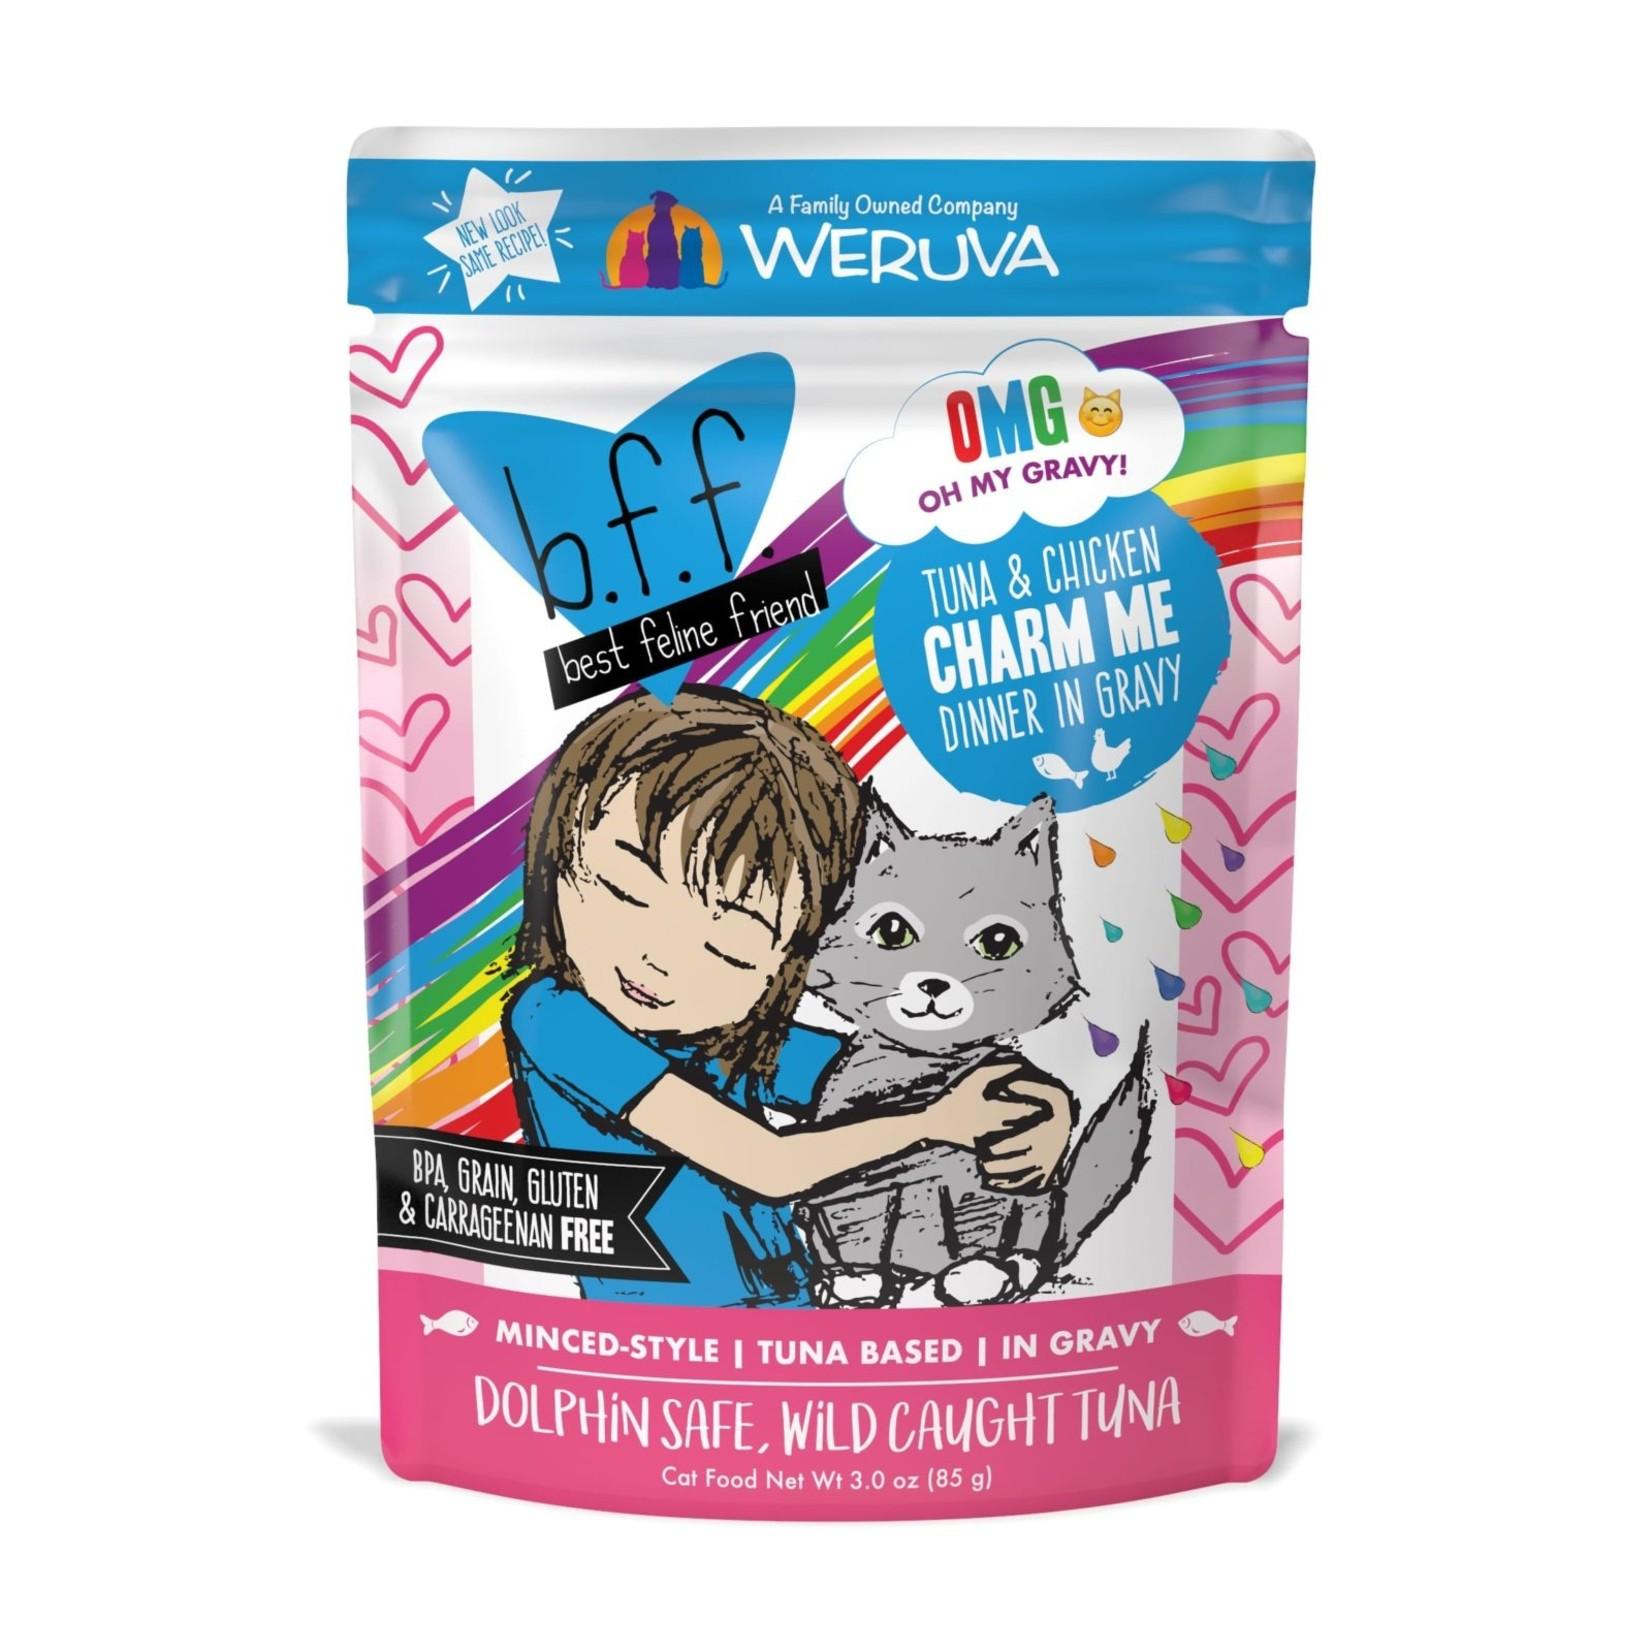 Weruva Weruva BFF OMG Tuna & Chicken Charm Me Cat Pouch 3oz